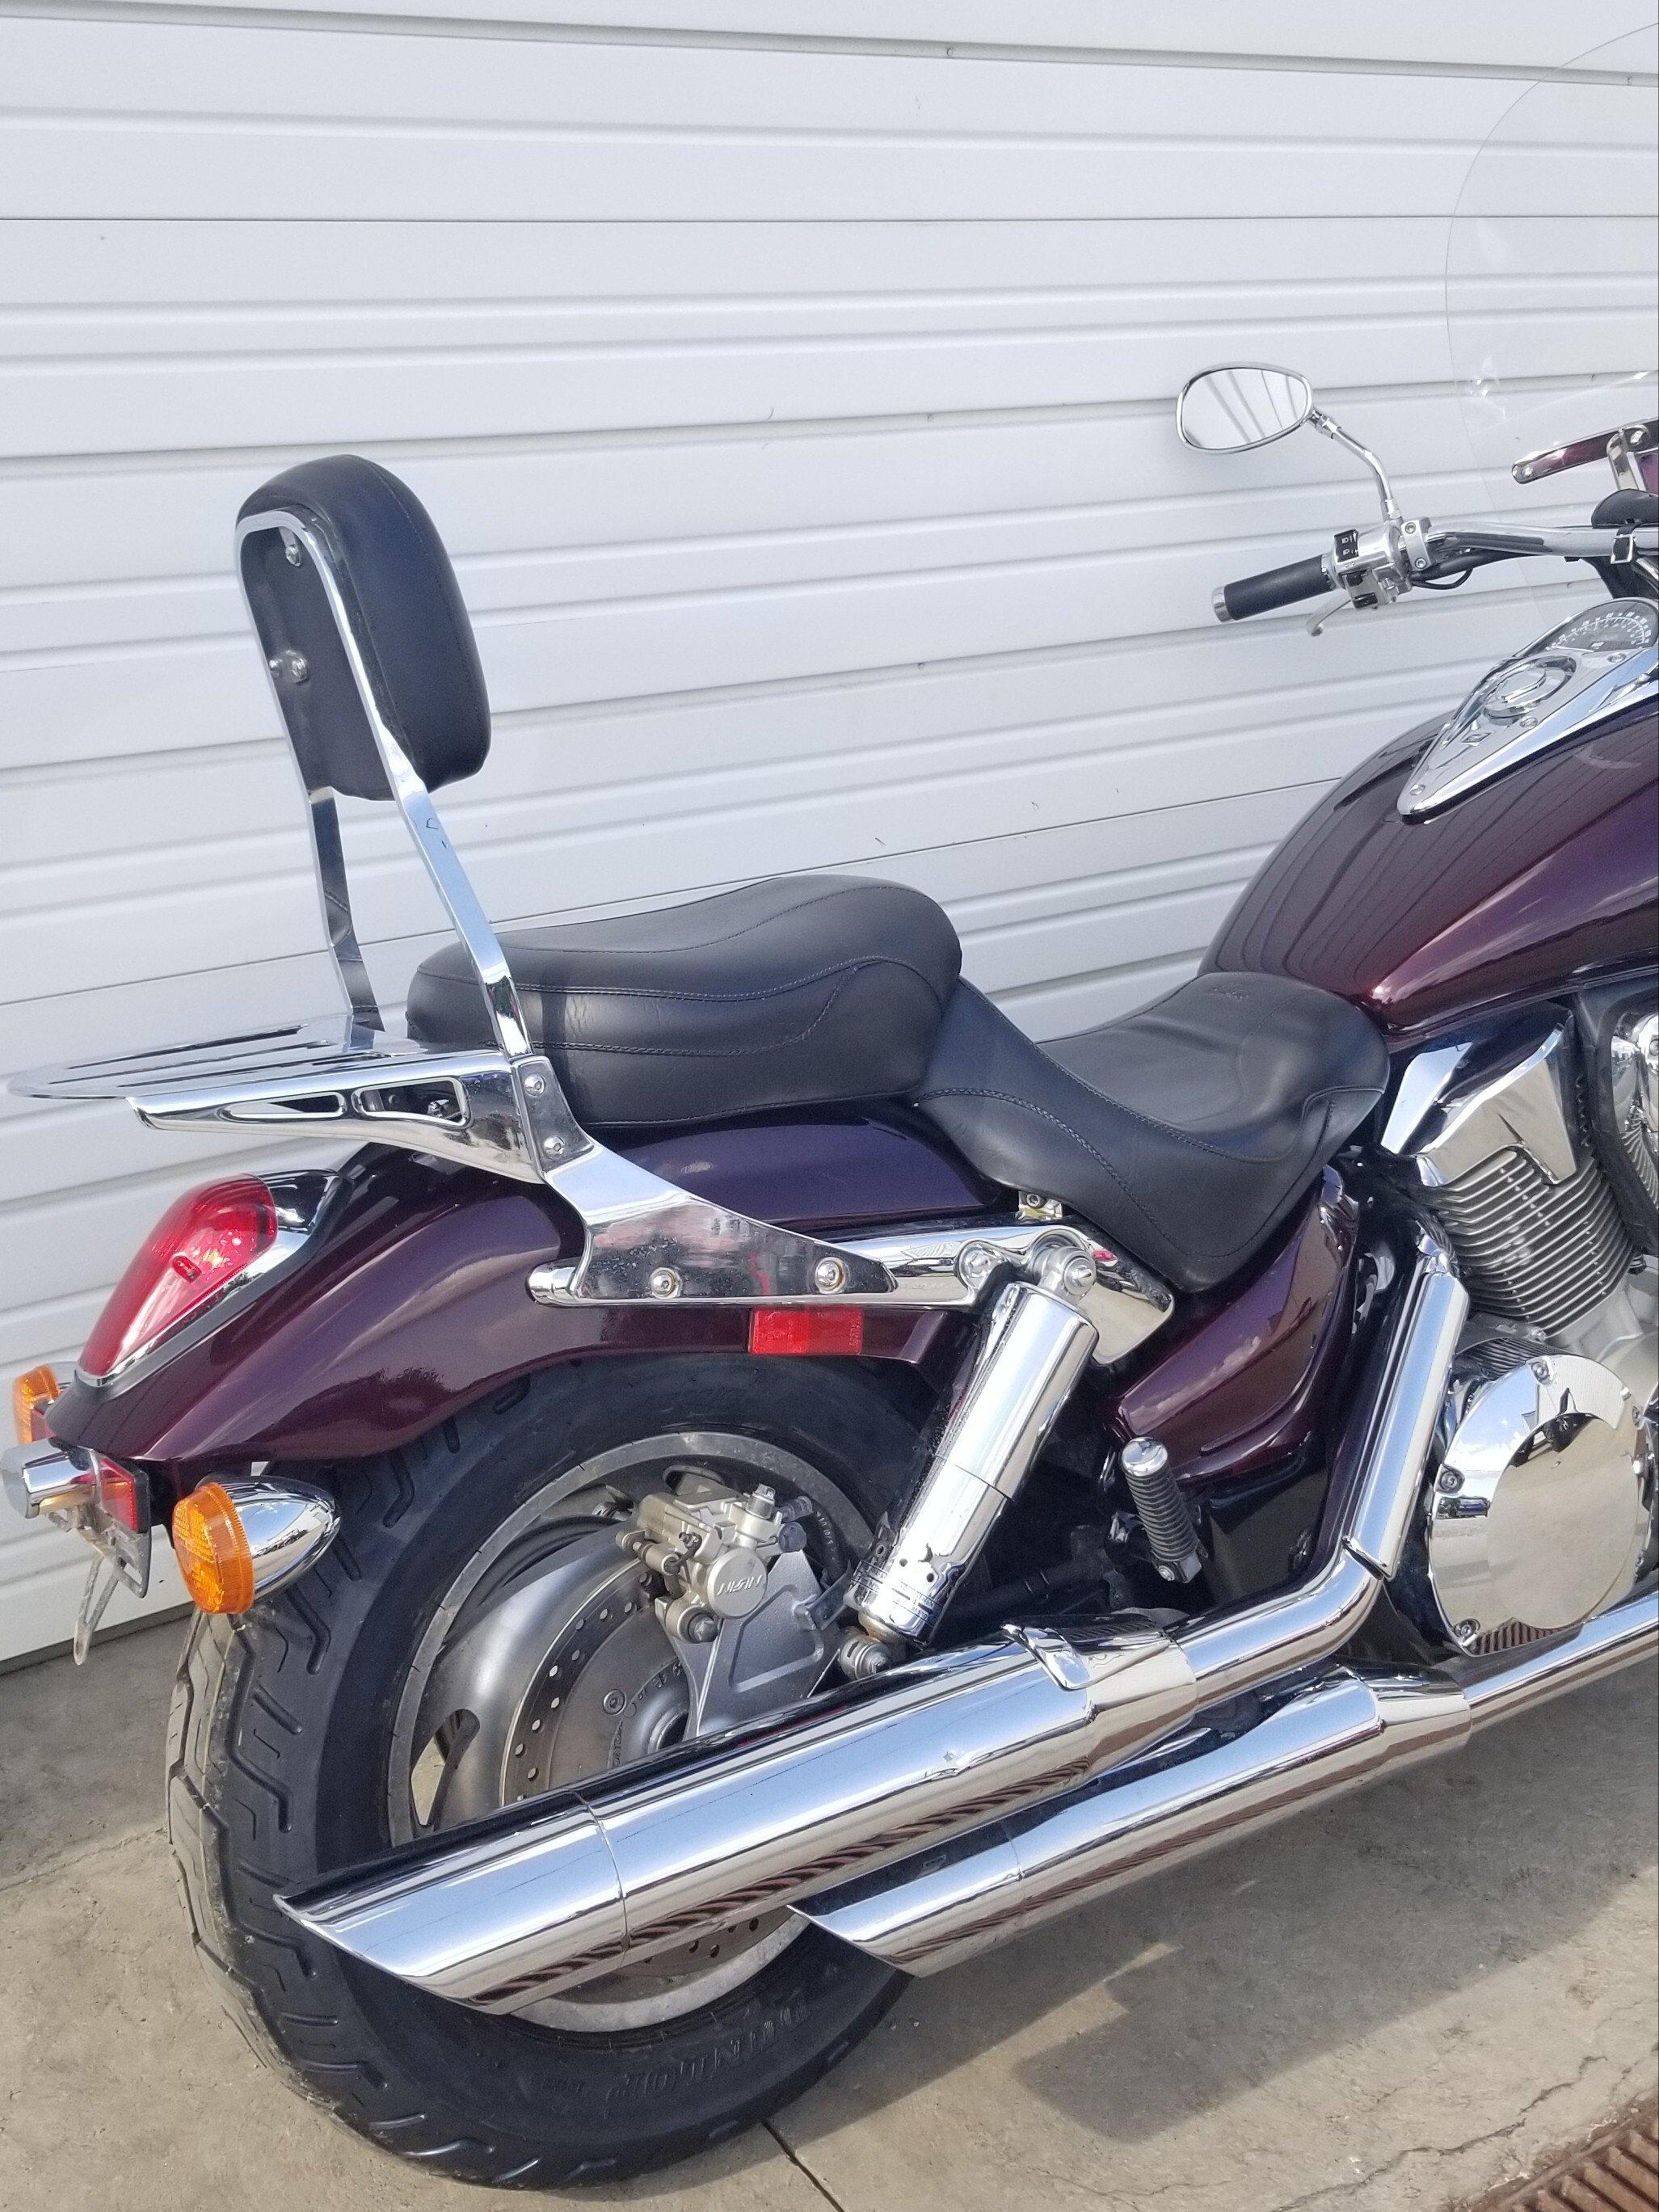 2007 Honda VTX1300 For Sale 200609381 2007 Honda VTX1300 For Sale 200609381